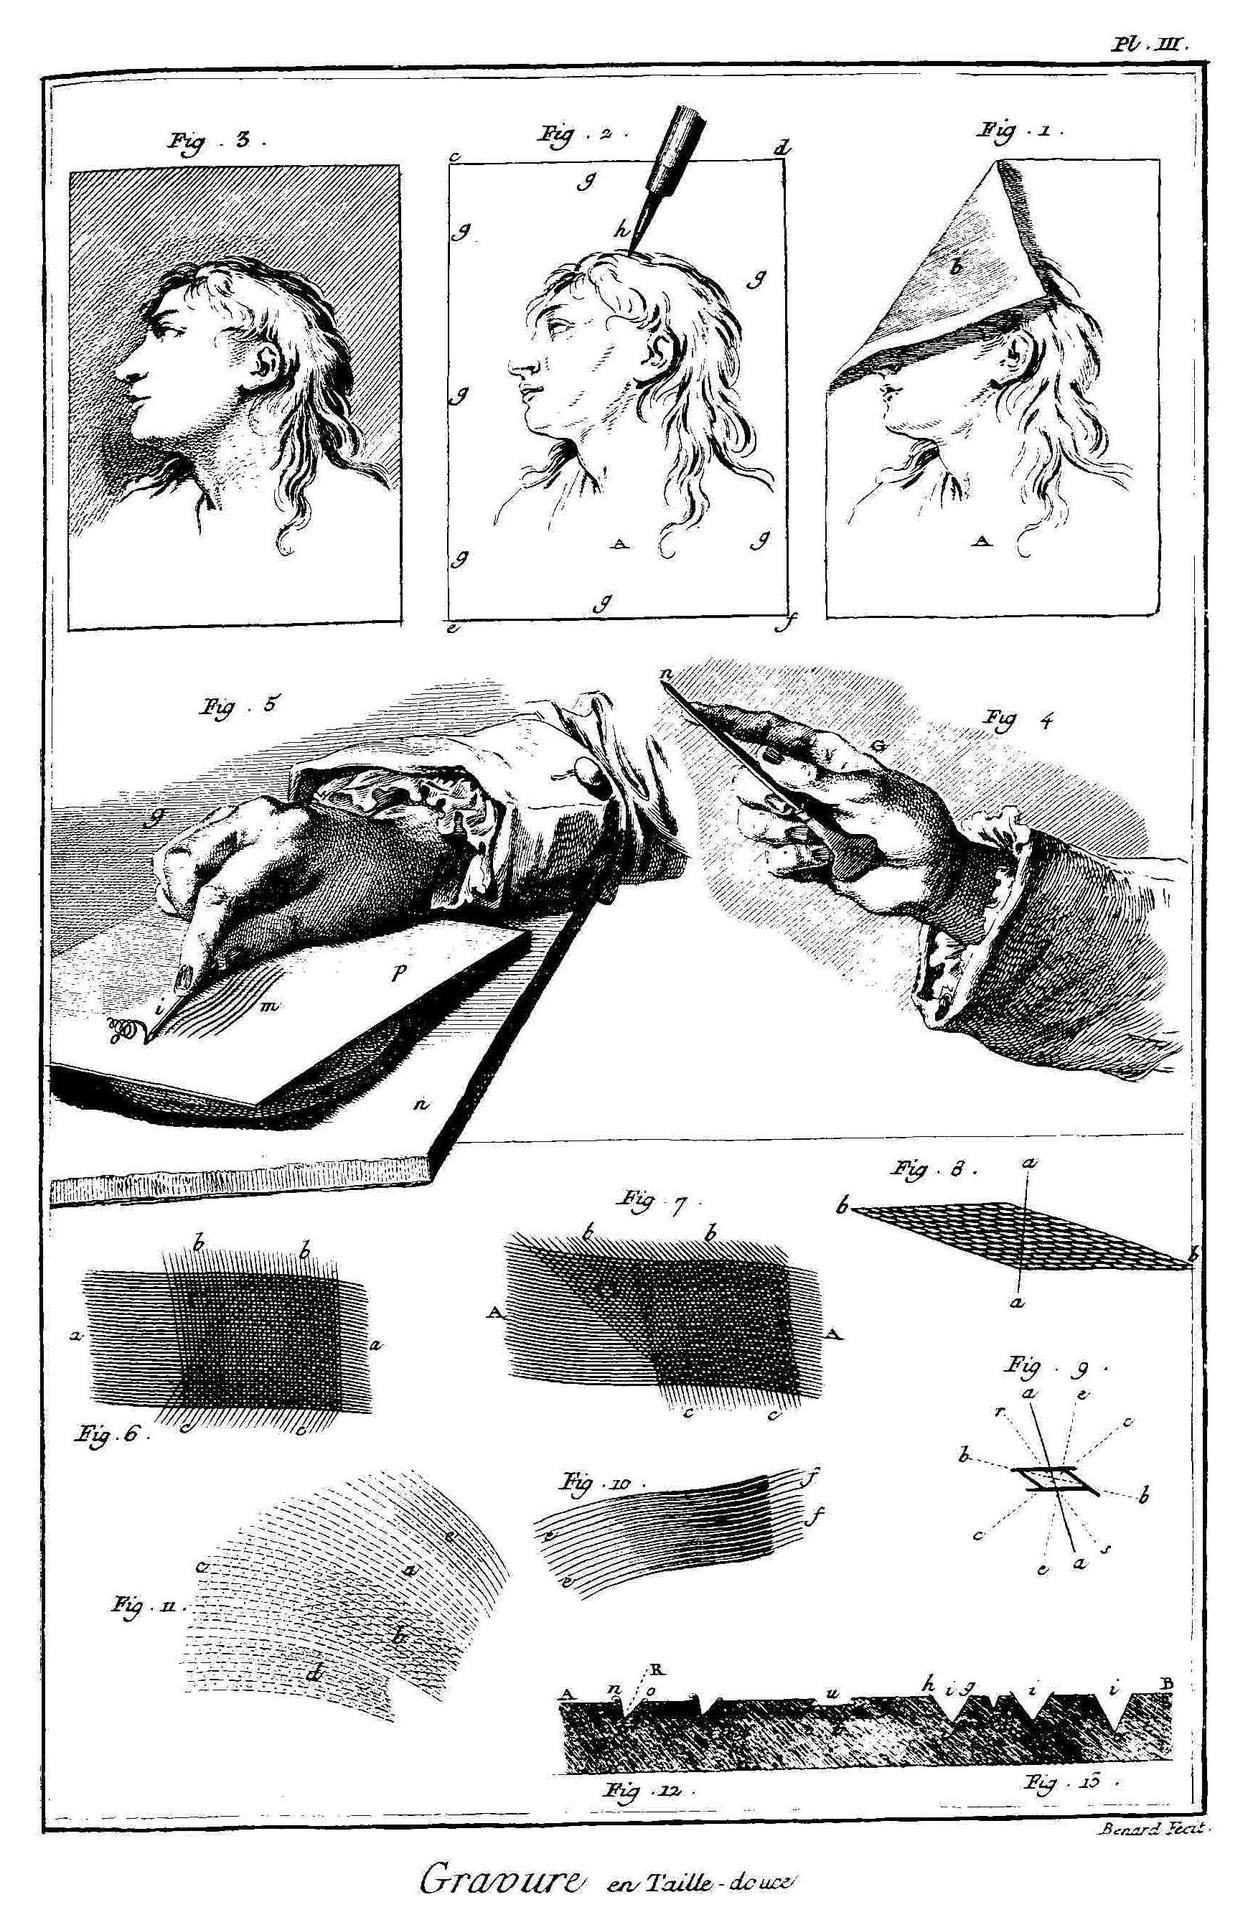 Illustration_Encyclopedie_gravure_Gravure_Encyclopedie.jpg